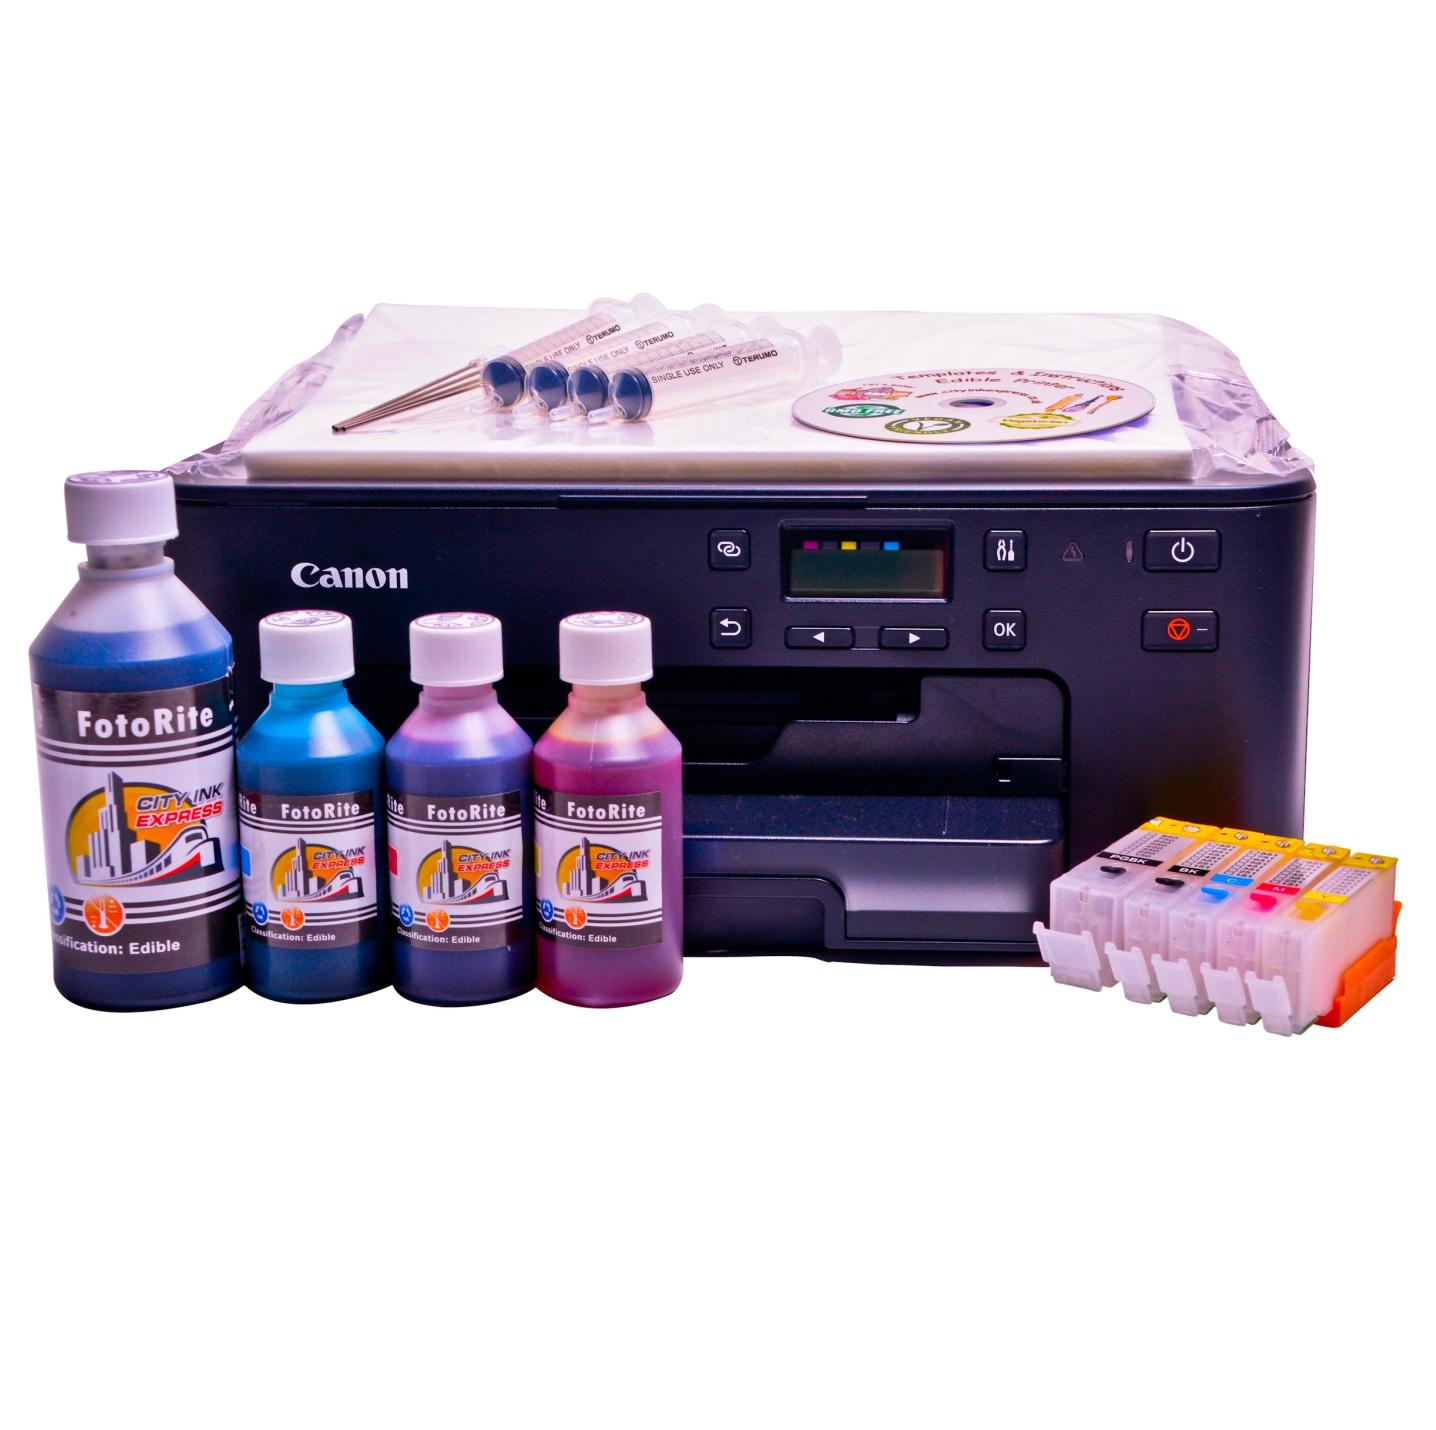 Canon TS705 edible printer